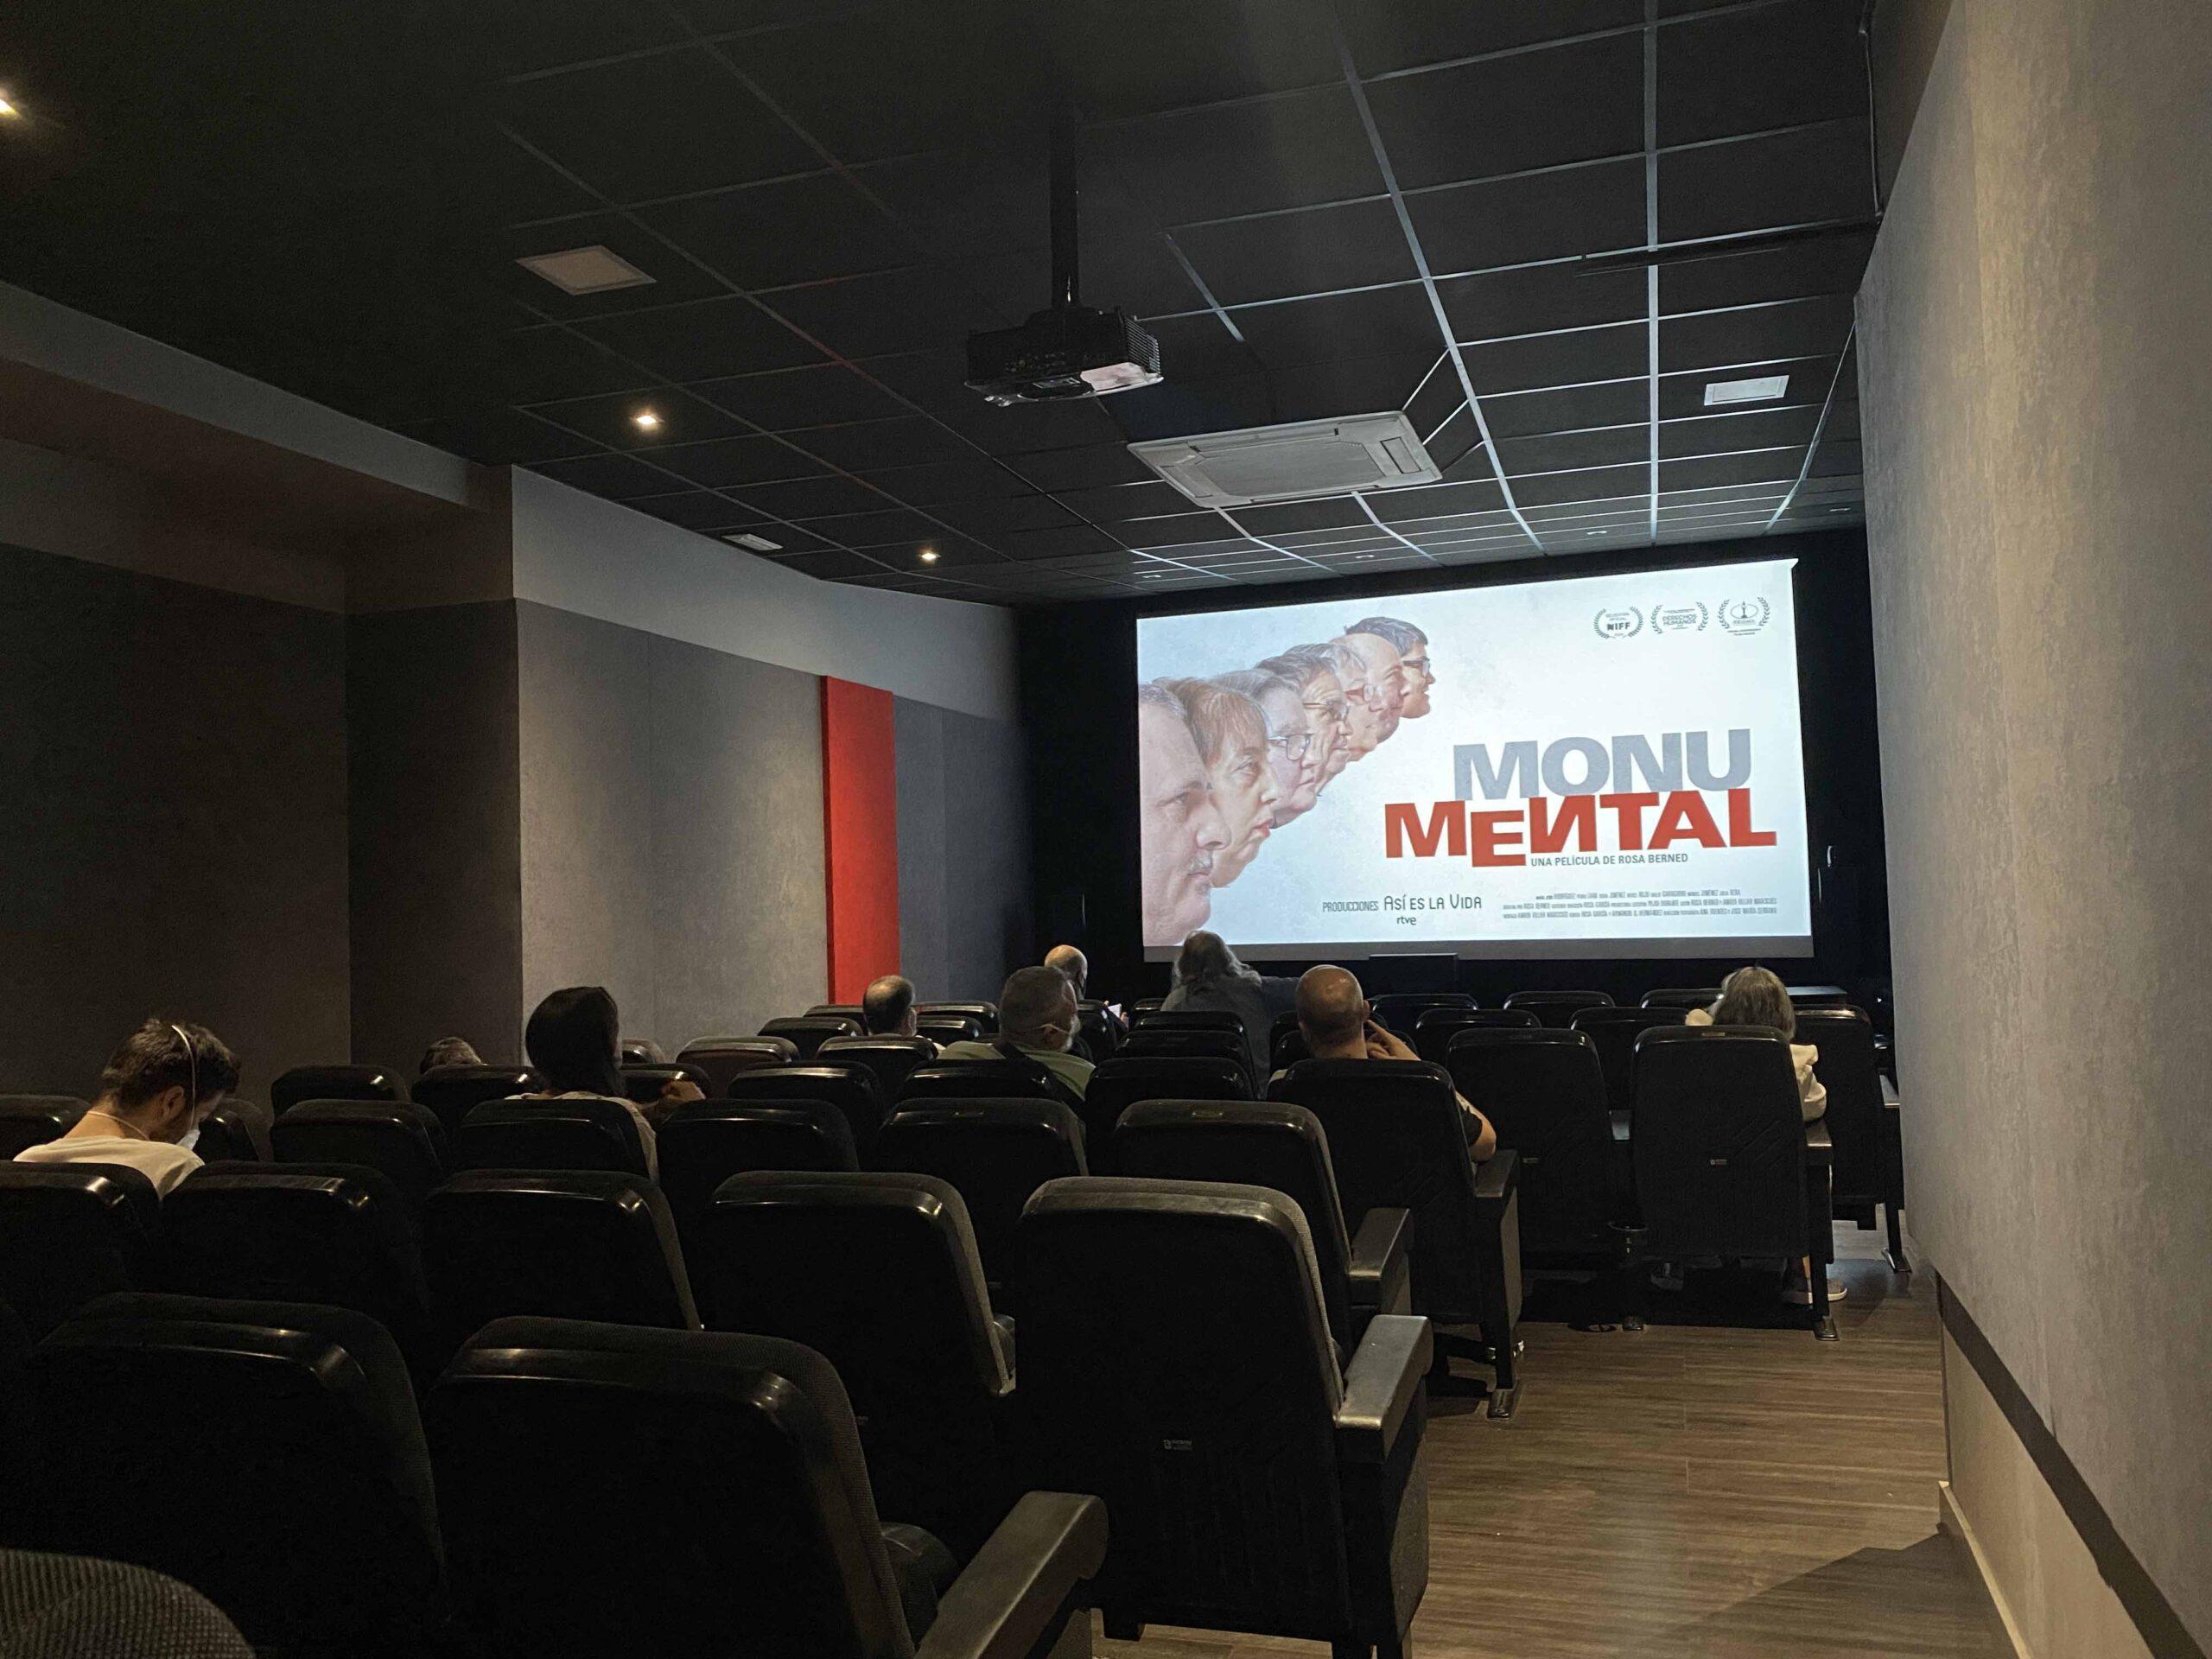 Gran parte de los espectadores desconoce que su cine está abierto